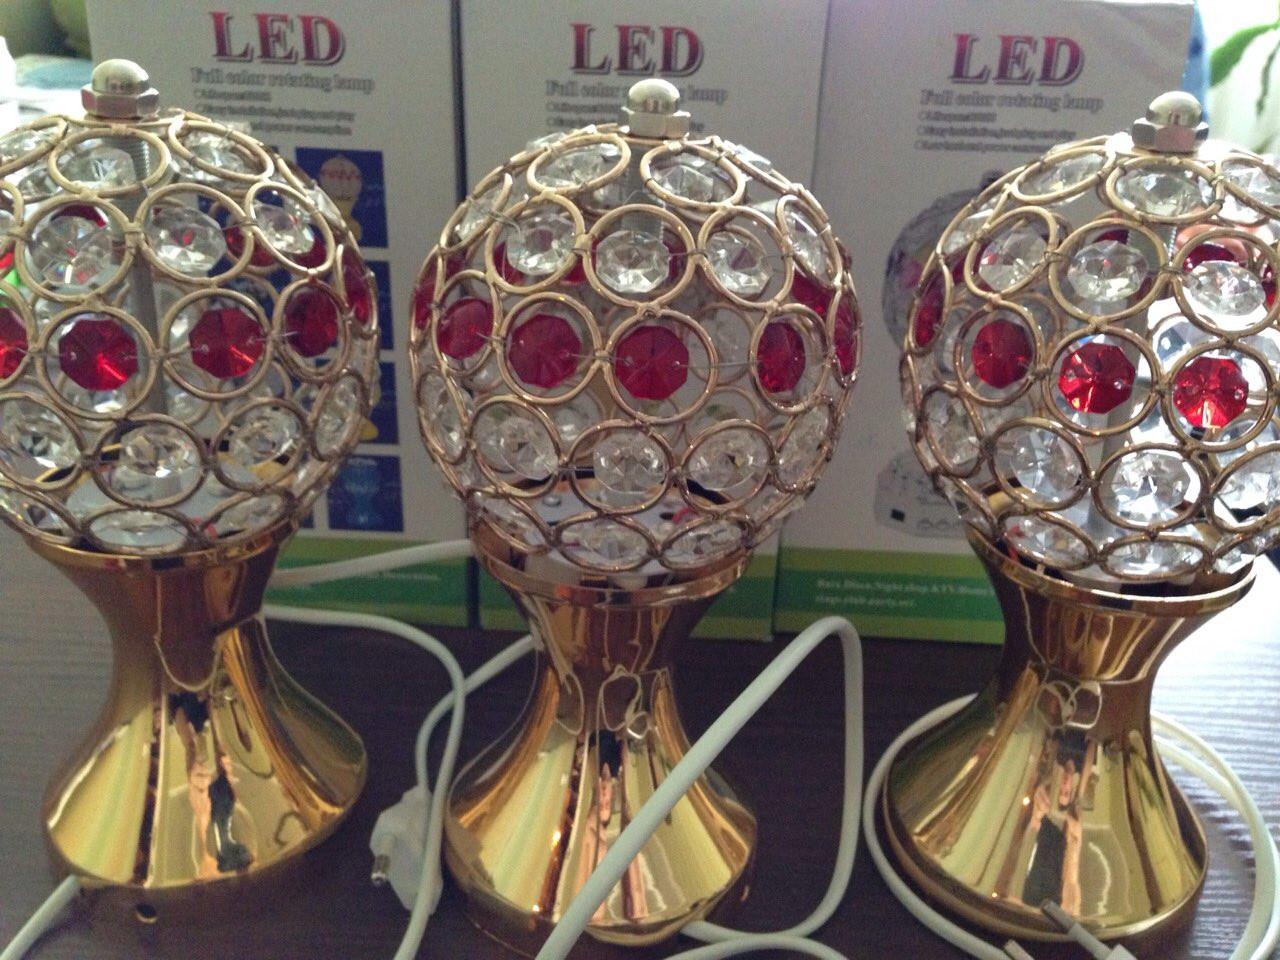 Светодиодный Шар светильник  Диско LED лампа  220в  RGB  Акция !!!